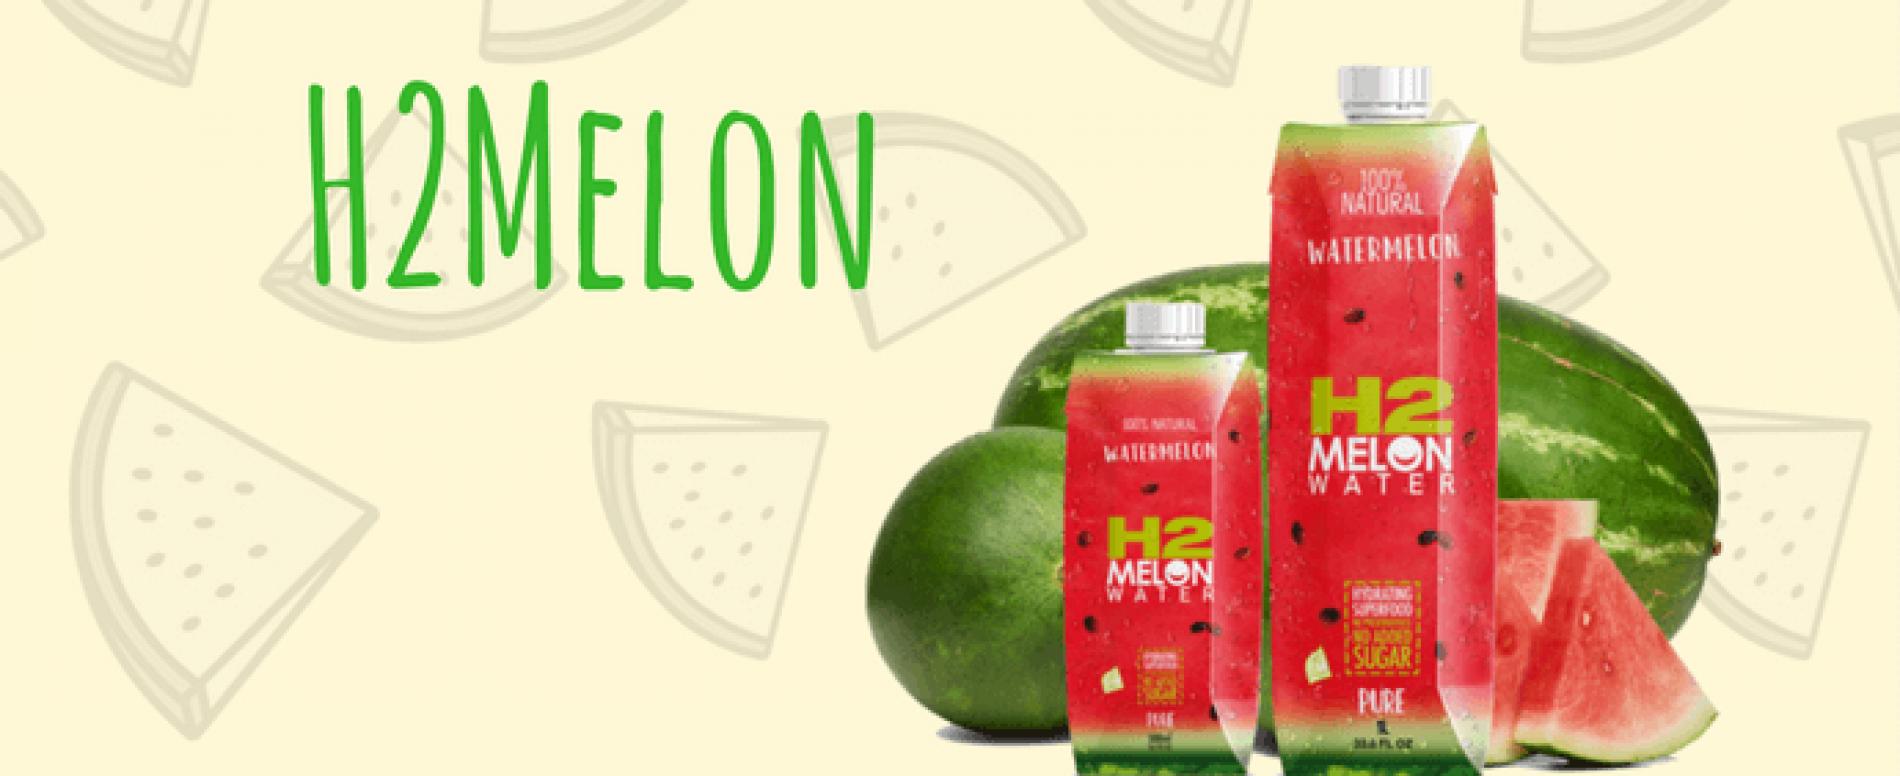 H2melon: l'acqua rinfrescante al gusto di anguria